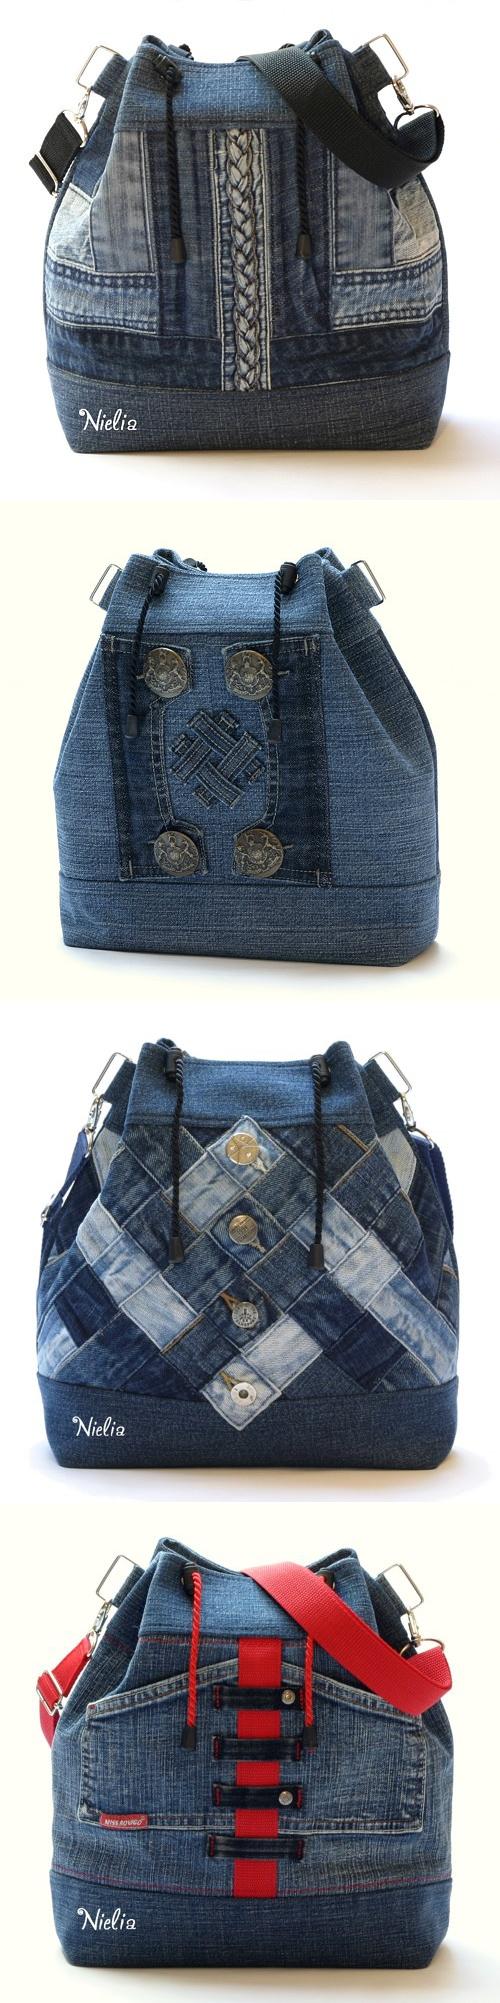 2aeb05584611 Видео мастер-классы созданию сумок из джинсов своими руками